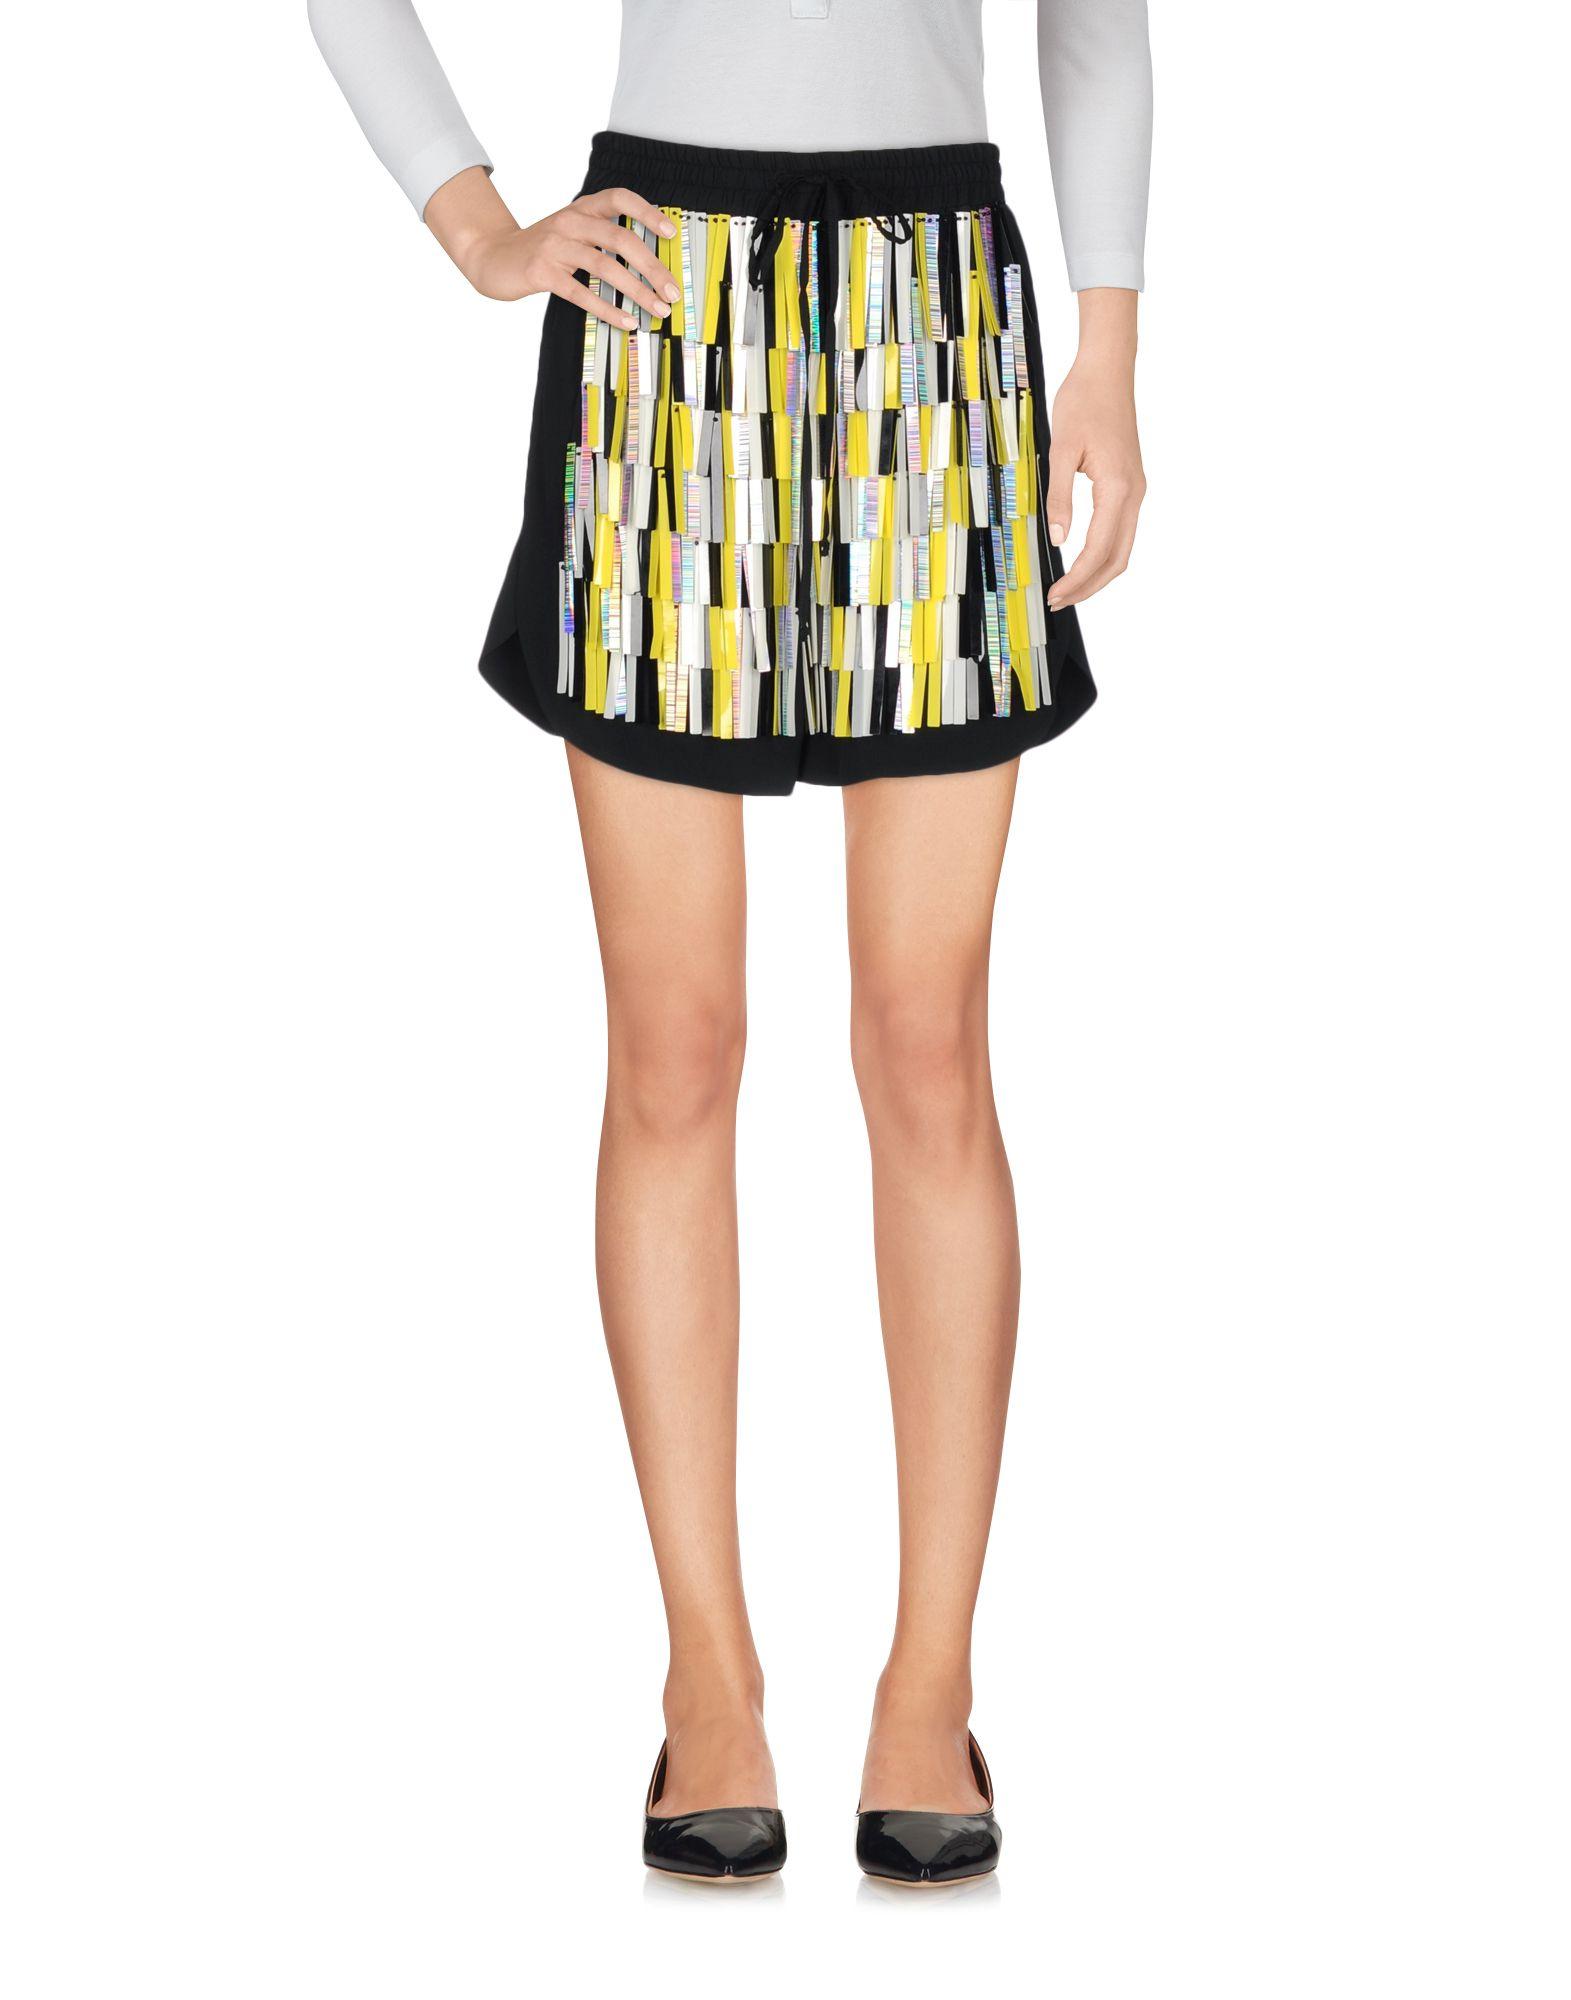 SIMONA CORSELLINI Damen Shorts Farbe Schwarz Größe 4 jetztbilligerkaufen